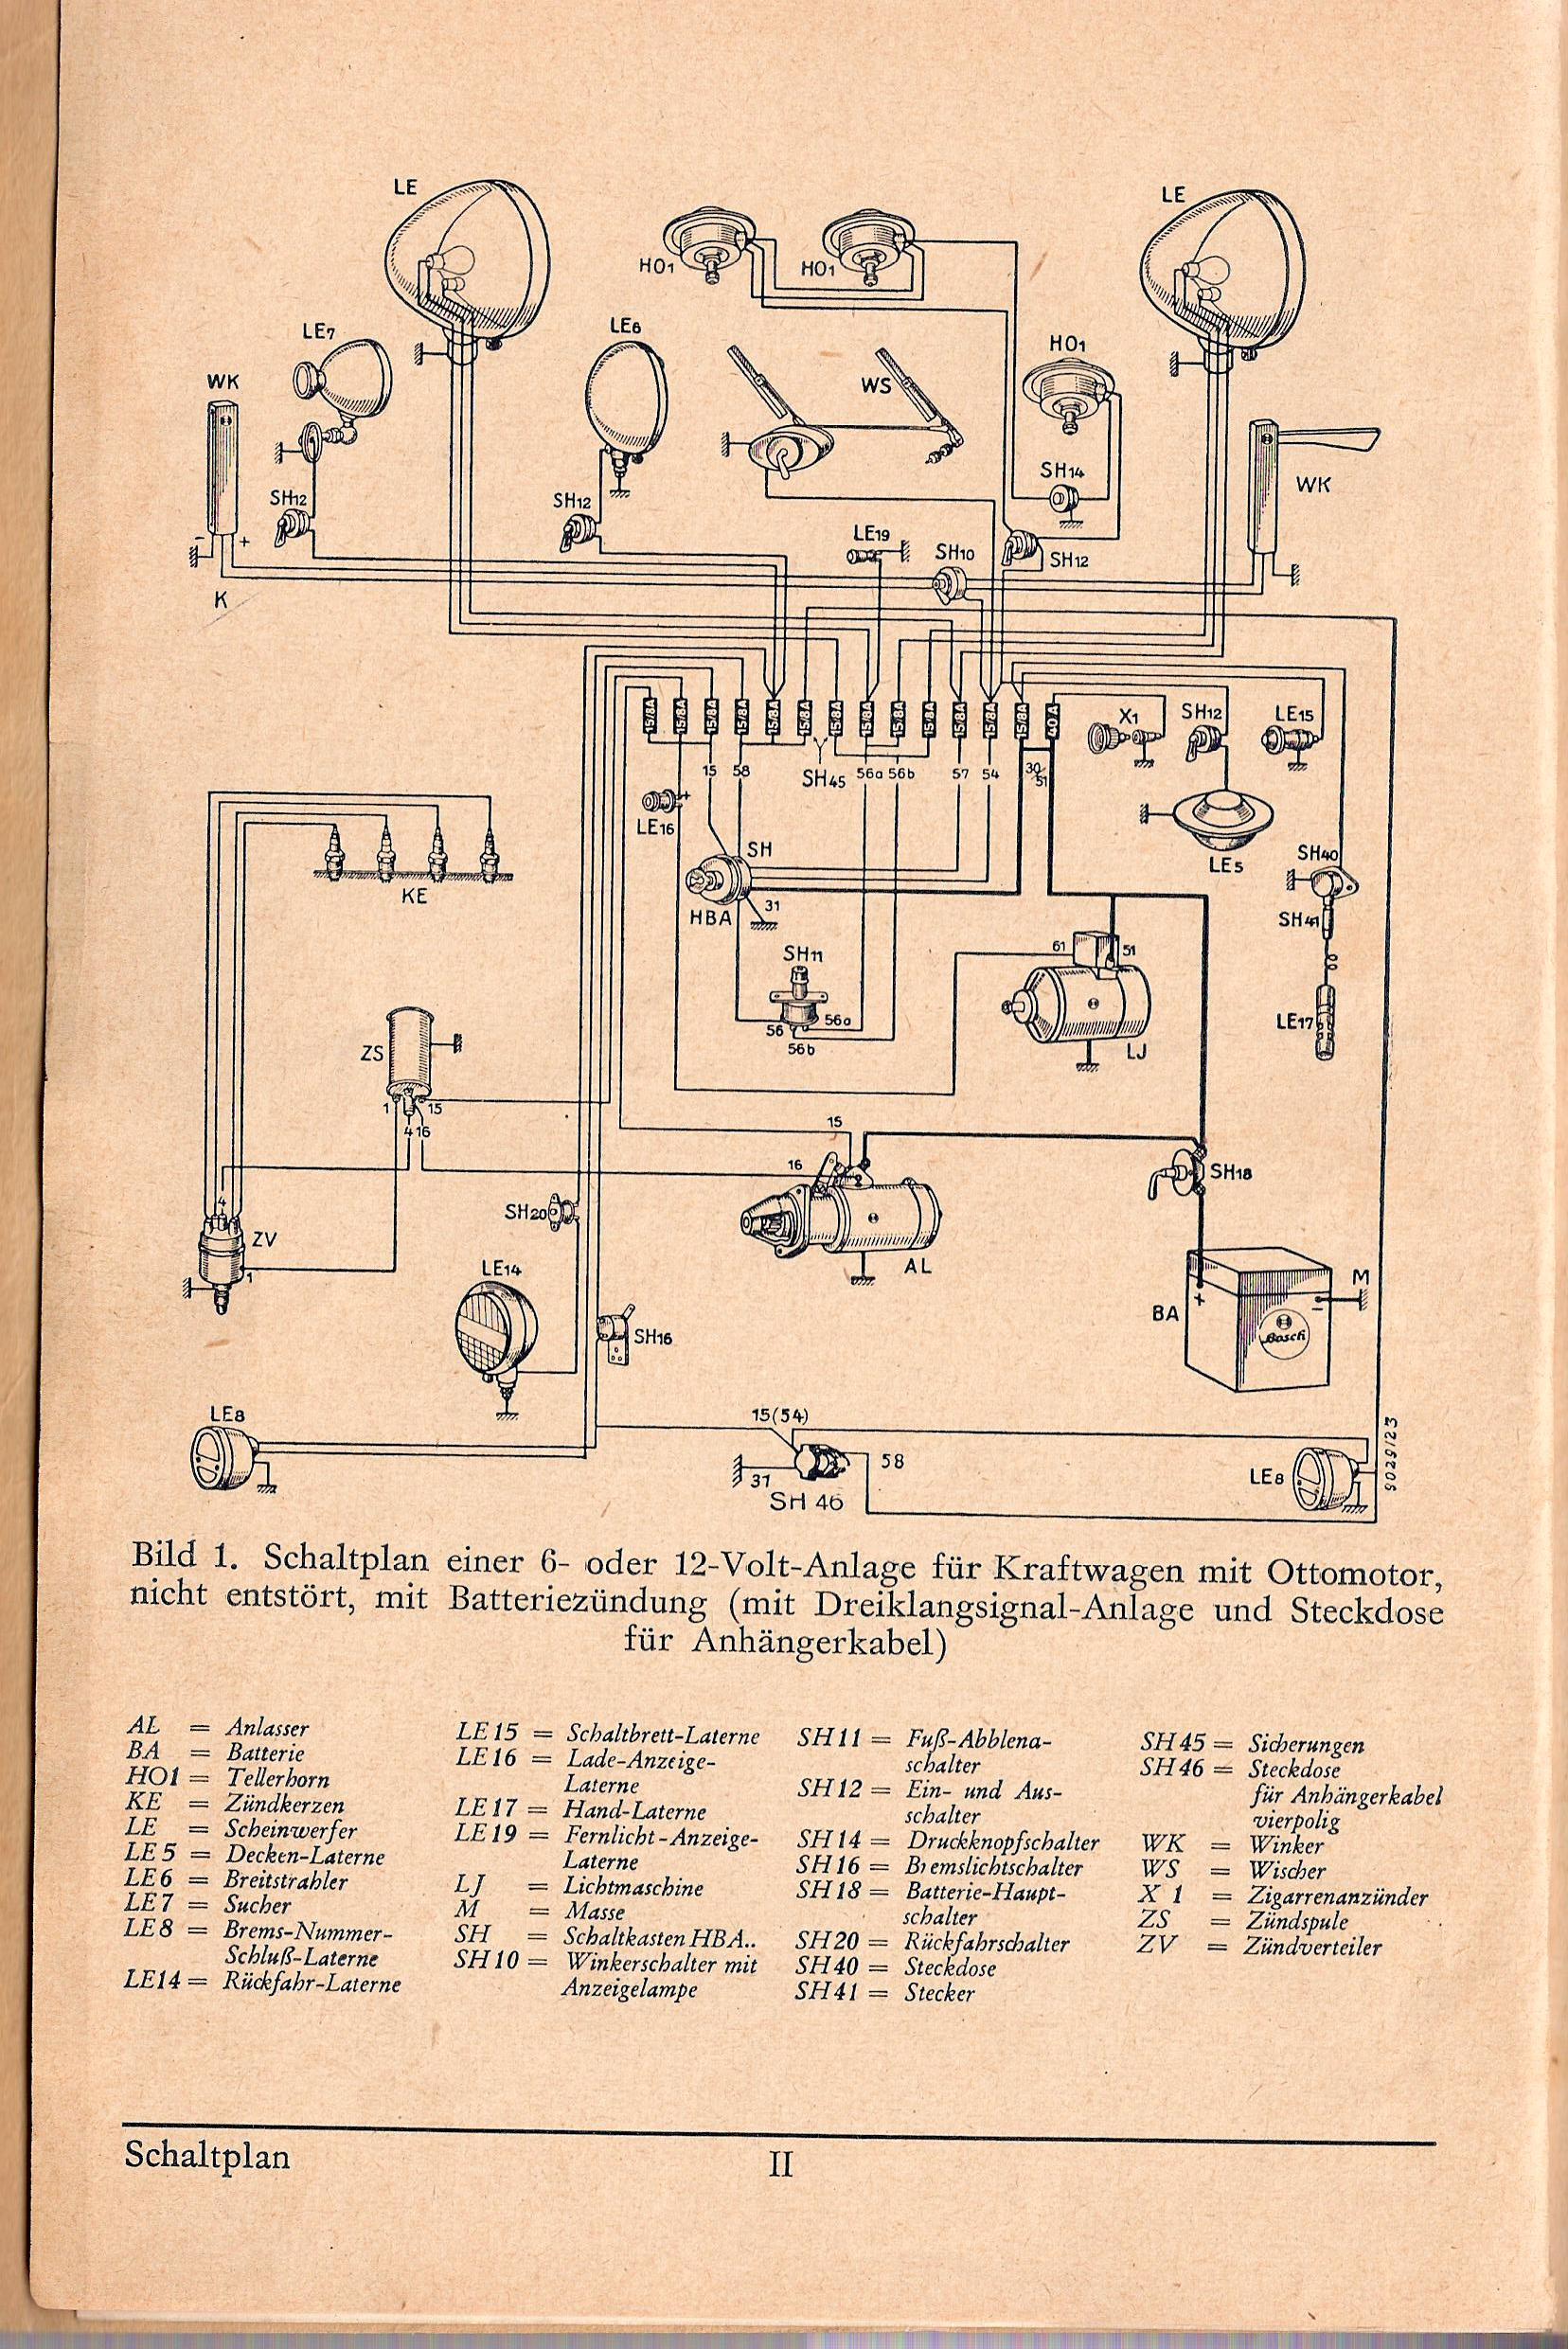 Niedlich Furt Verdrahtung Ideen - Elektrische Schaltplan-Ideen ...